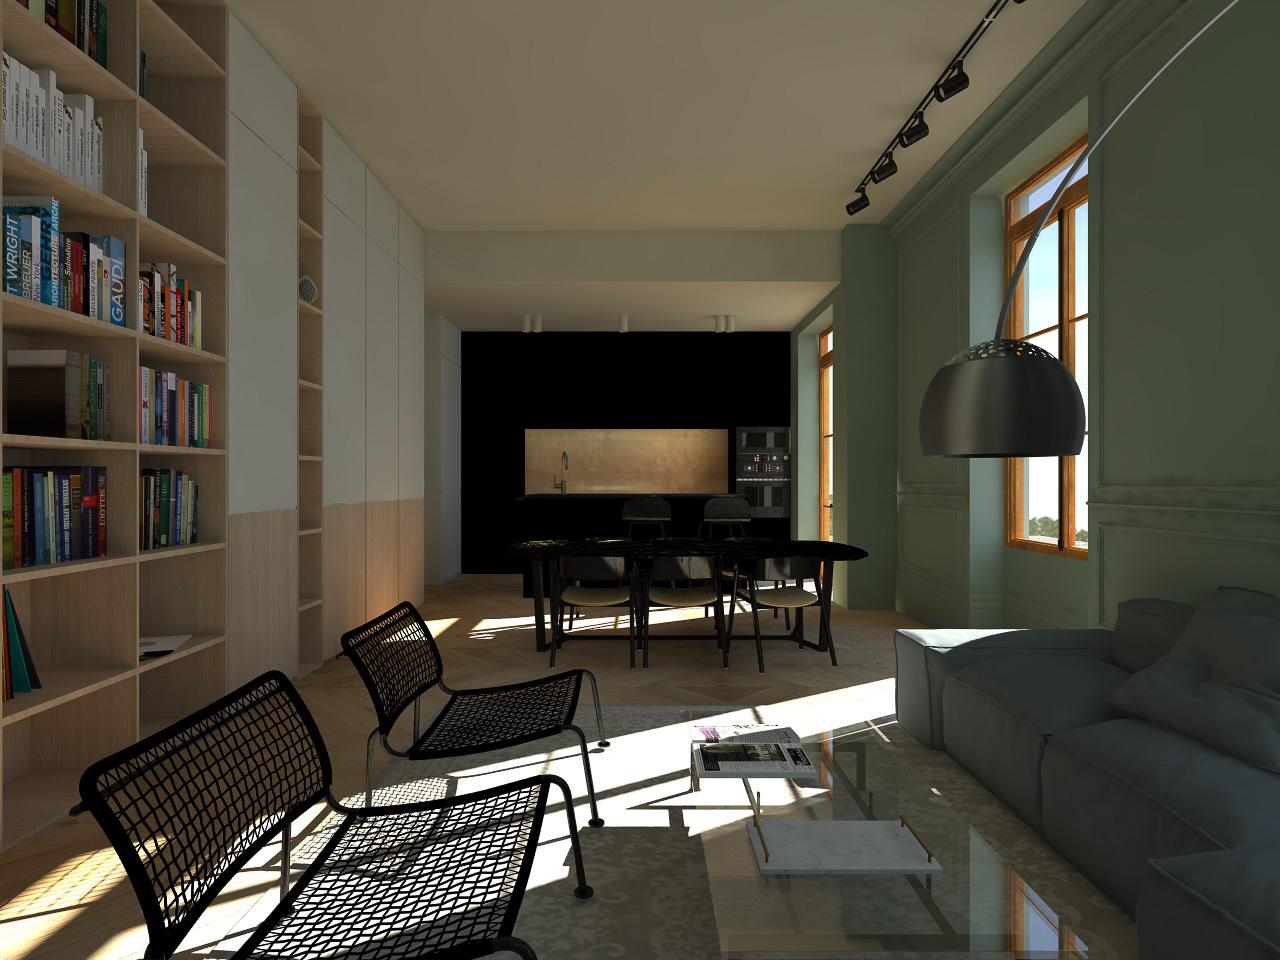 maitre-doeuvre-artisans-renovation-appartement-vaulx-en-velin-amenagement-interieur